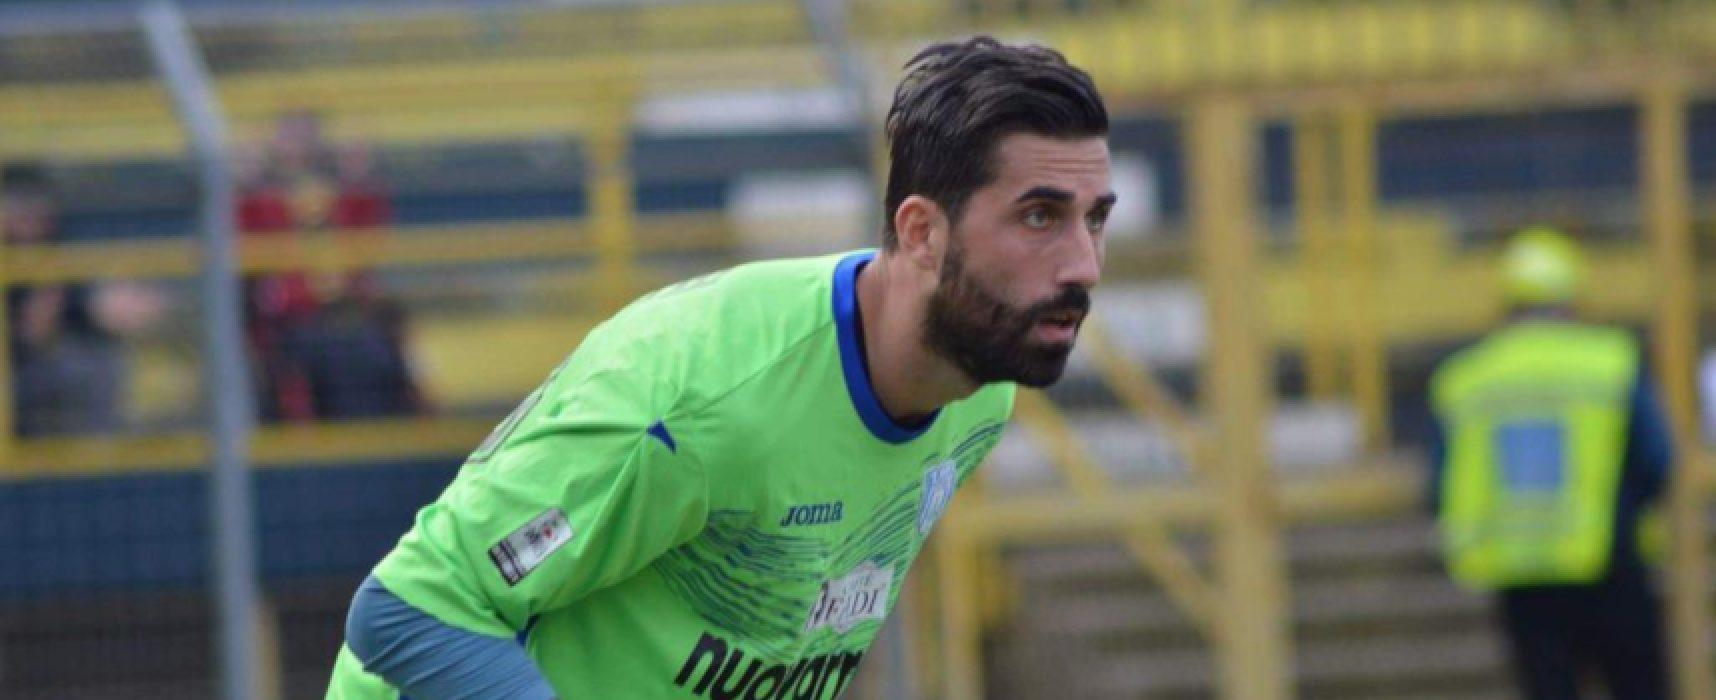 Bisceglie Calcio: preso Casadei, il 16 agosto la presentazione ufficiale